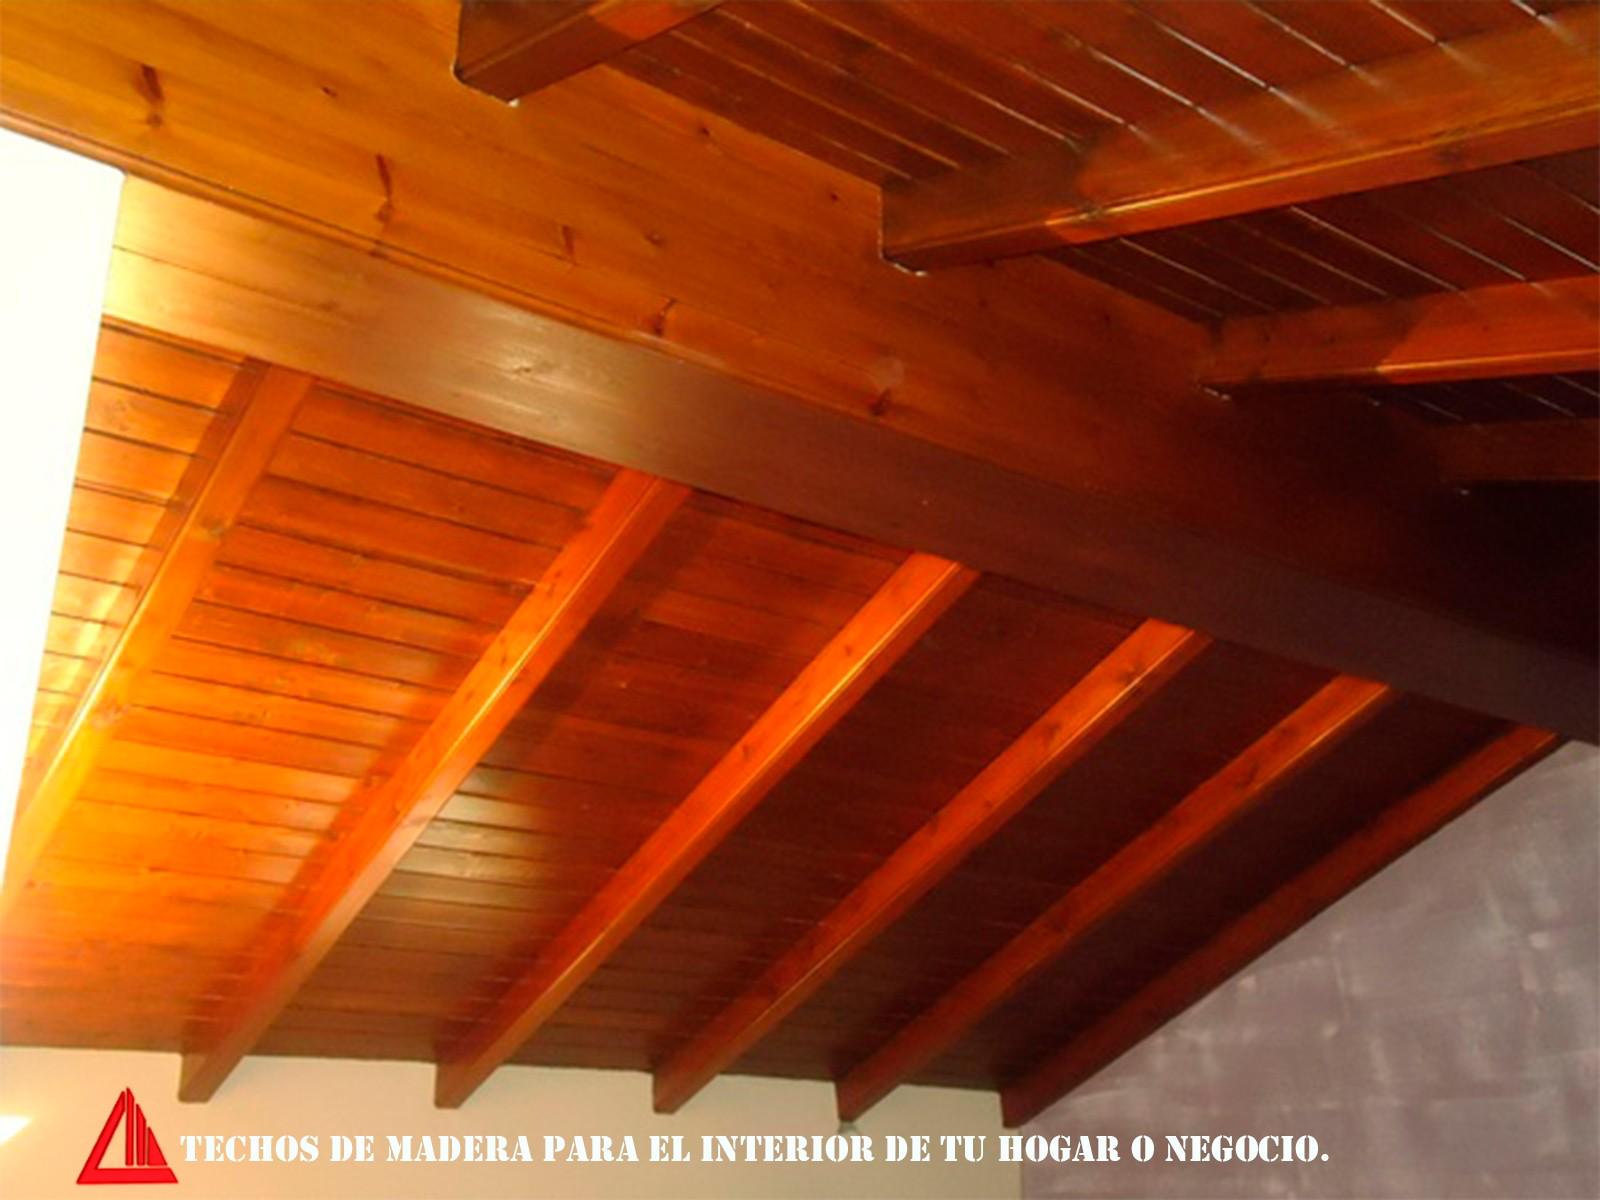 Techo De Madera Para Interior - Techos-de-madera-para-interiores